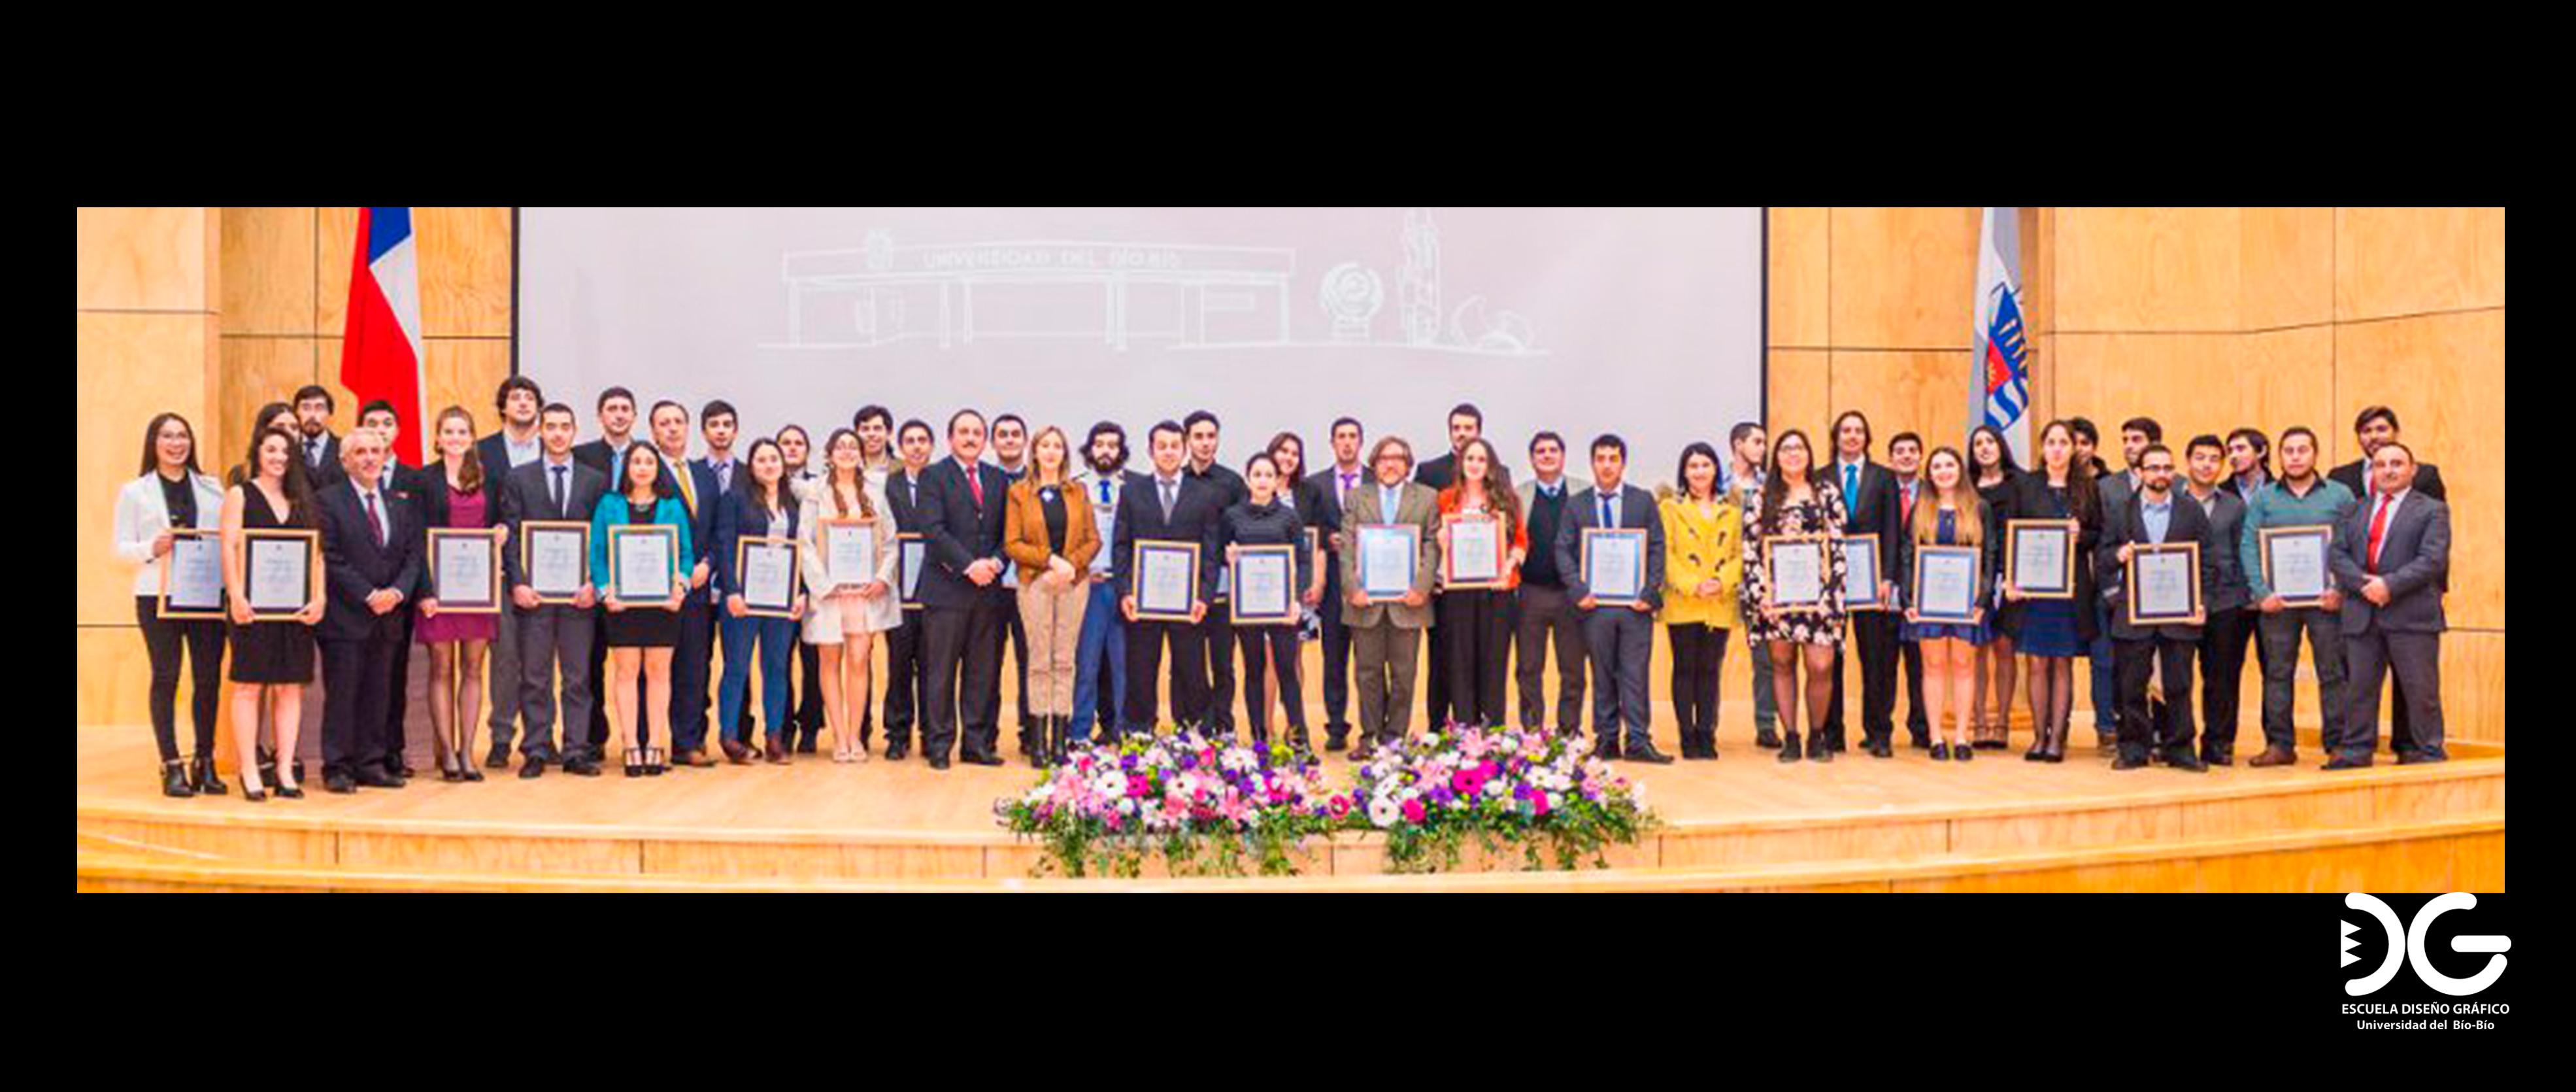 Deportista de Diseño Gráfico fue premiado por la UBB